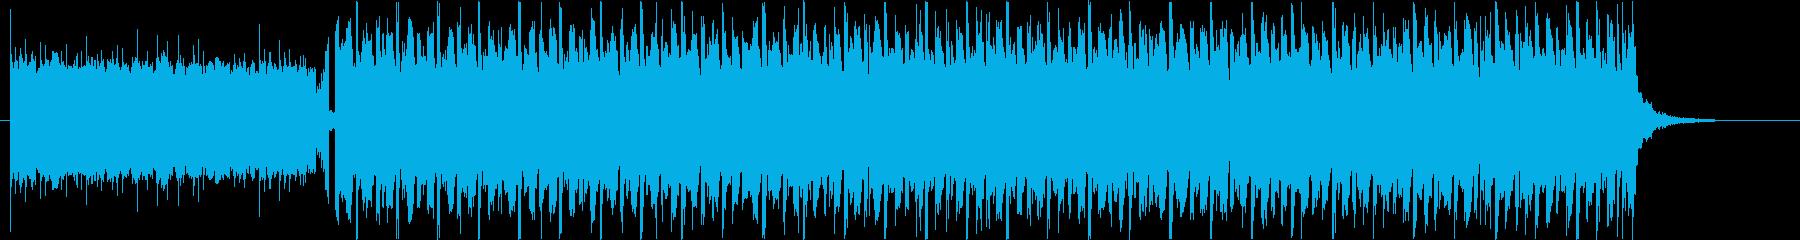 近未来感のあるプログレッシブな4つ打ちの再生済みの波形